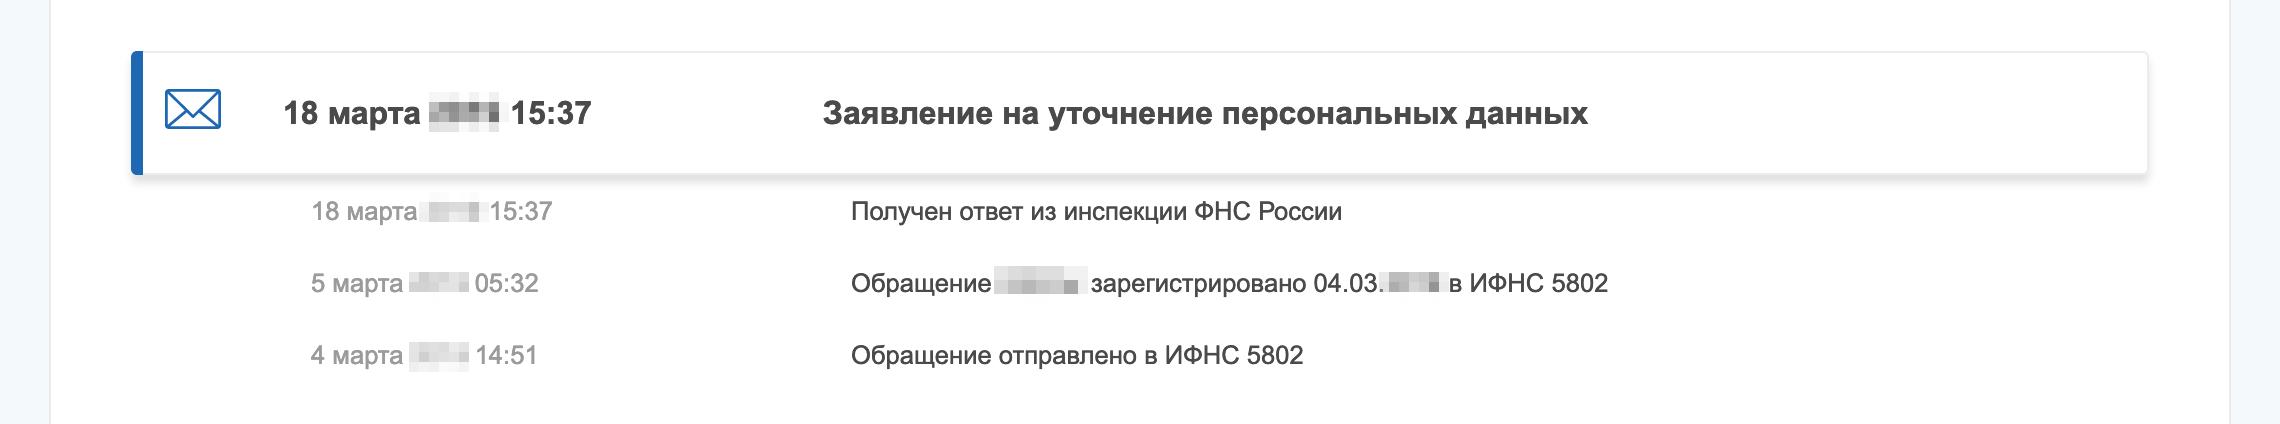 Подробную информацию об изменении статуса рассмотрения заявления я смотрел в сообщениях в личном кабинете